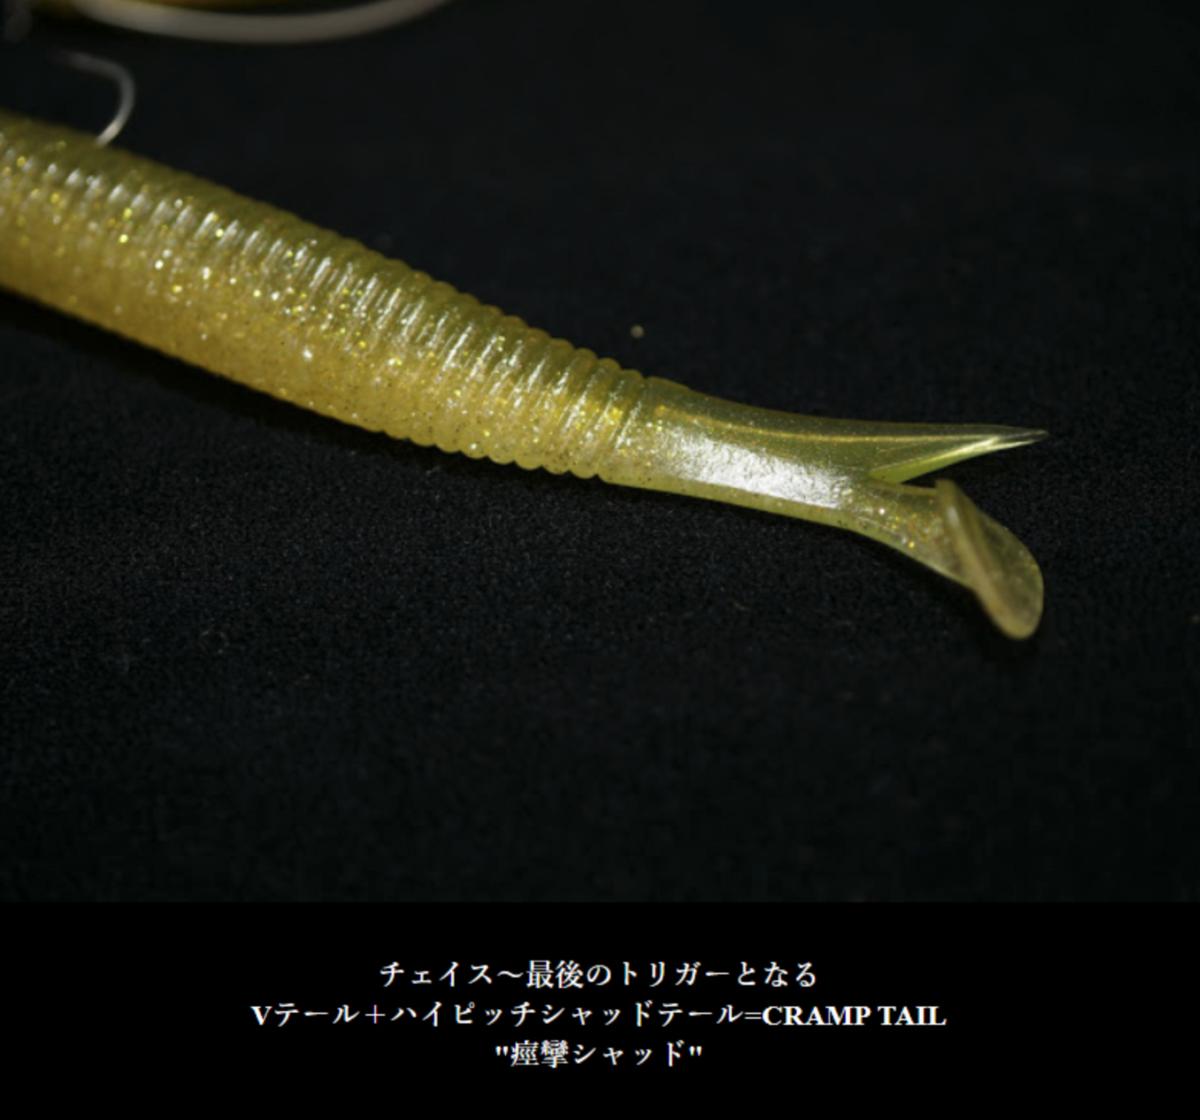 f:id:basssoku:20210619124631p:plain